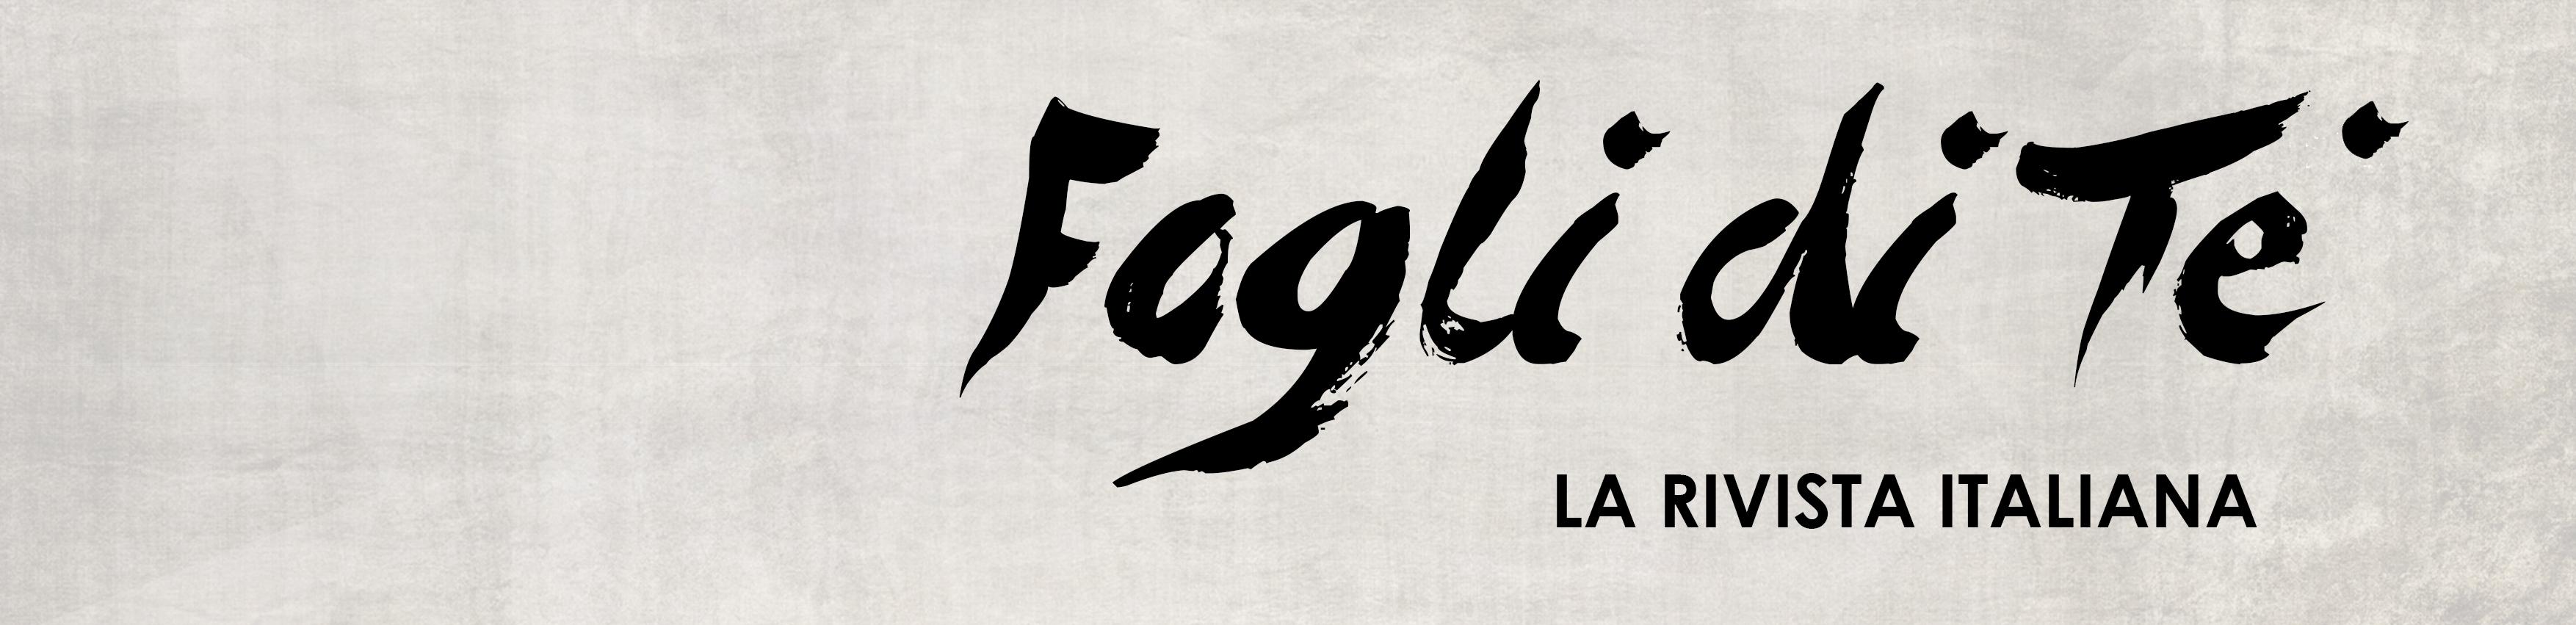 FOGLIDITE_banner